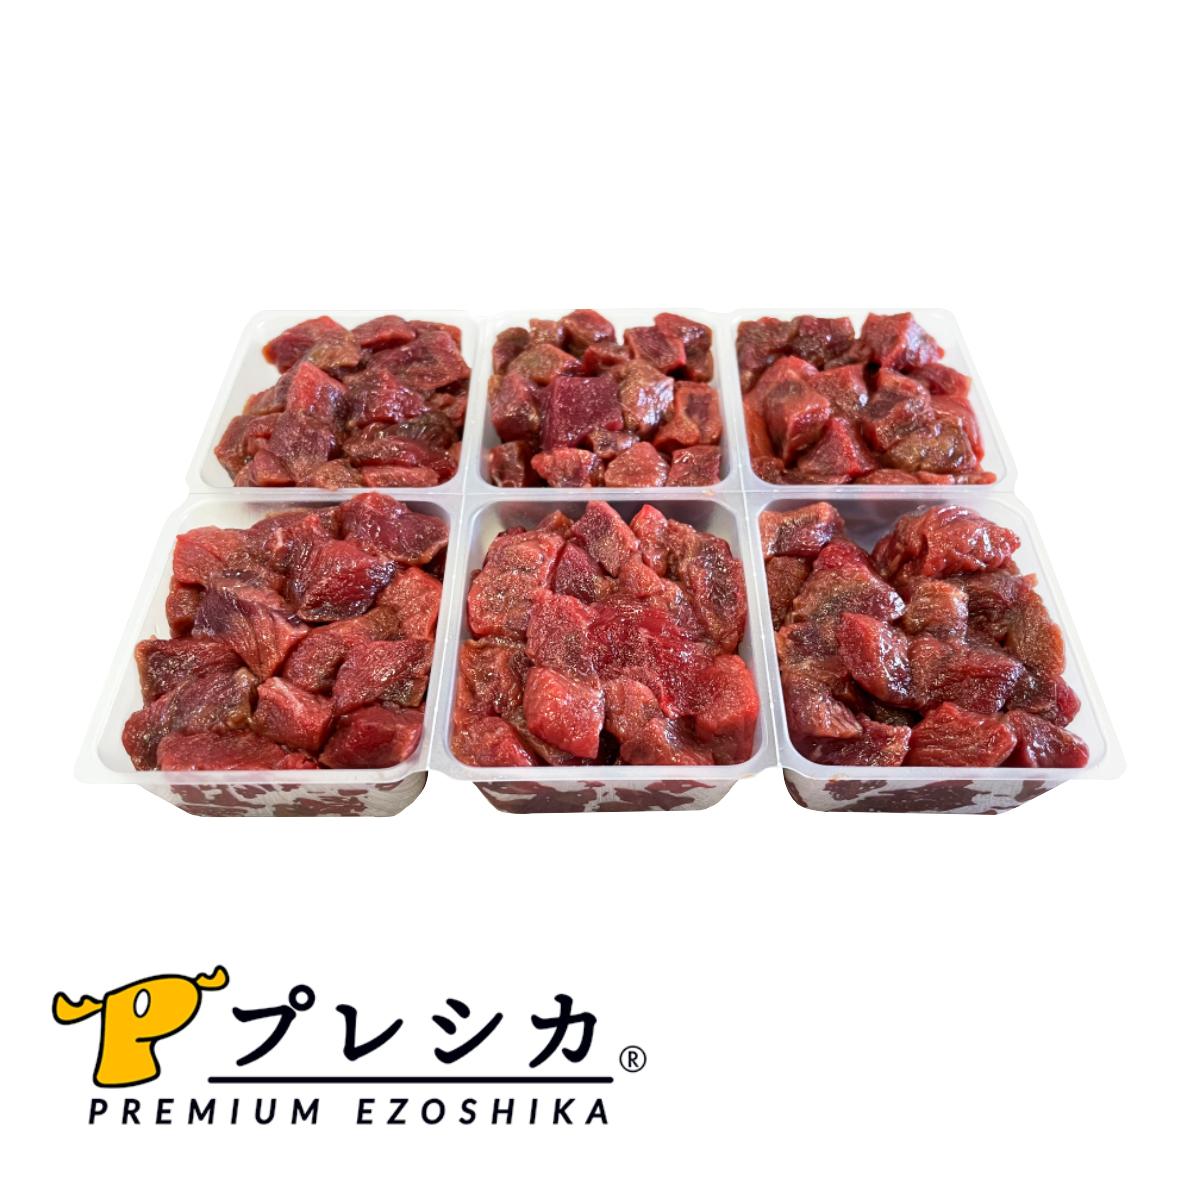 鹿肉 犬用 生肉 犬 ダイエット アレルギー ロースブツ切り小分けタイプ 3kg 約42g×72個 上等 ご飯 ペットフード 無添加 ジビエ 餌 ドッグフード ごはん 北海道産 正規品 おやつ